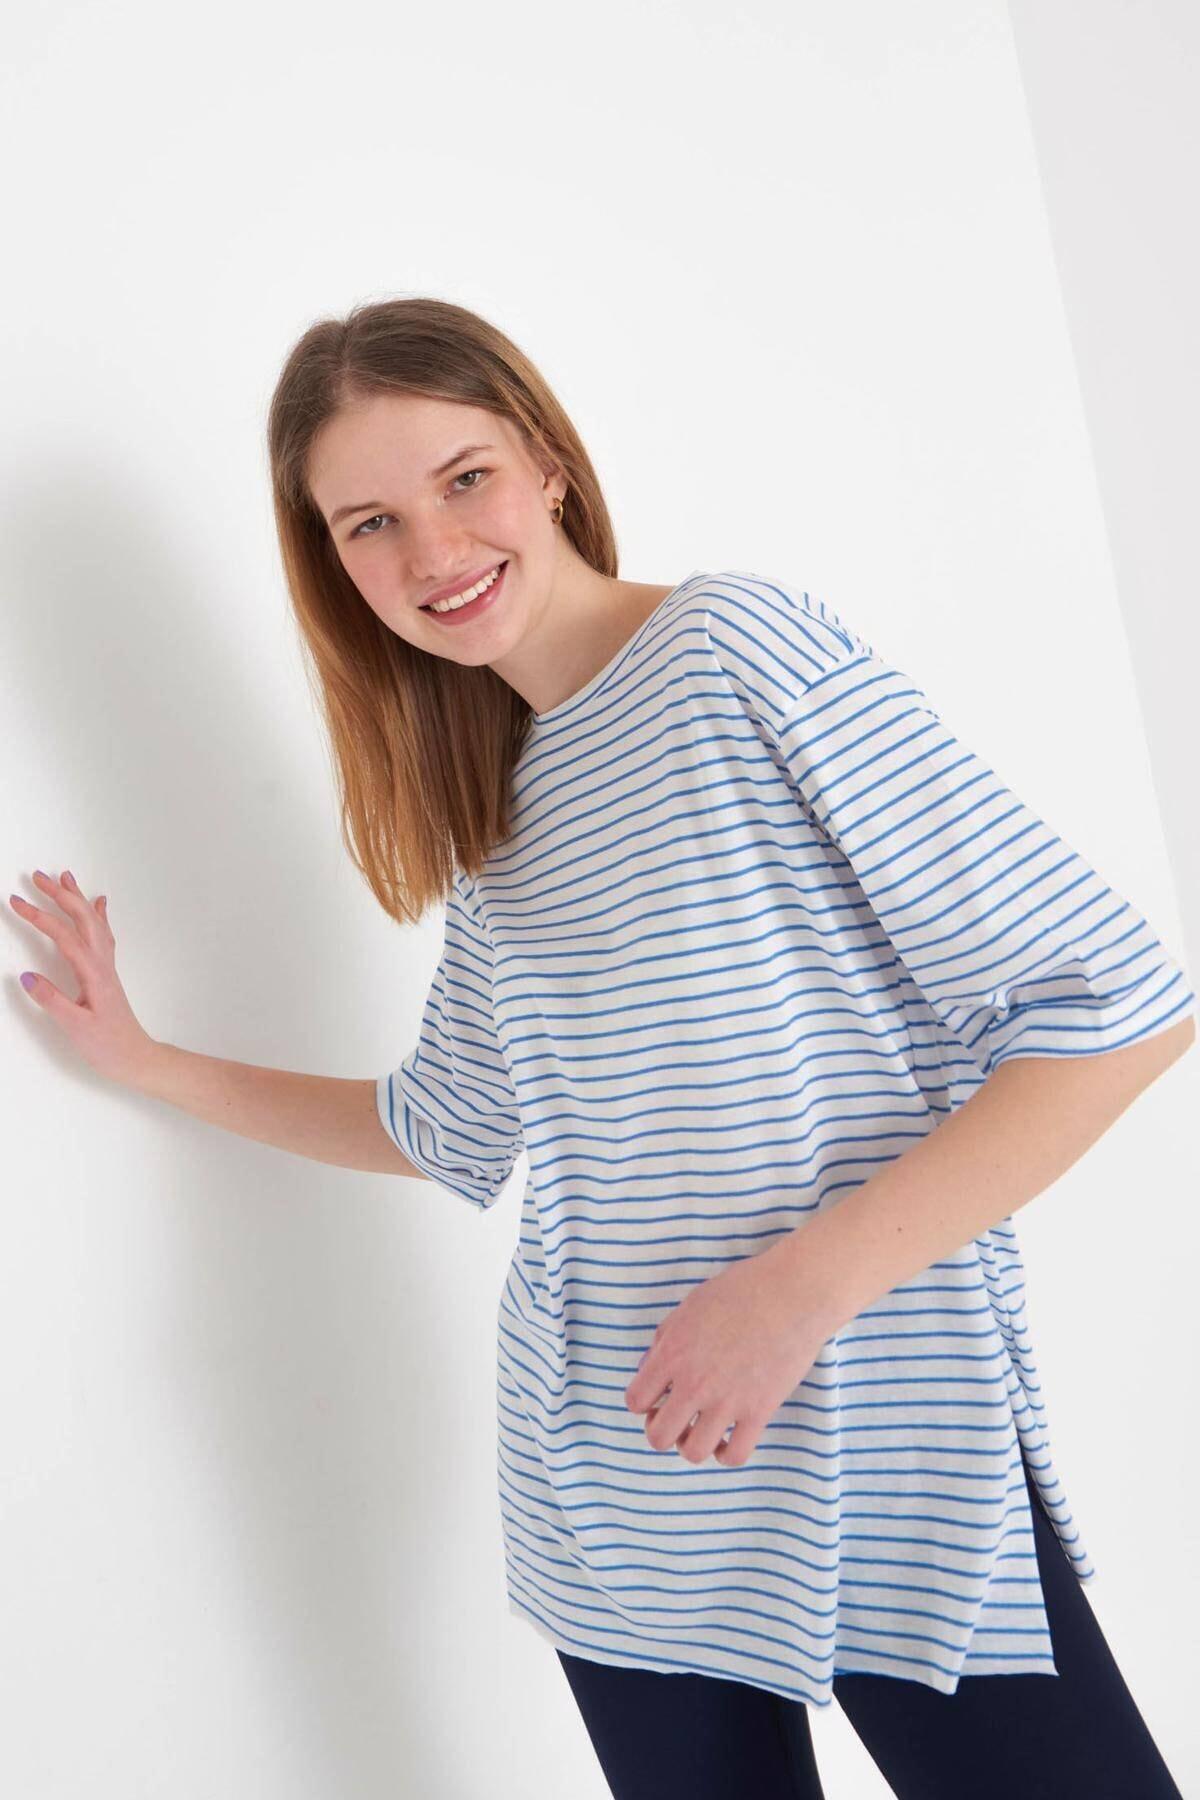 Addax Kadın Saks Mavi Çizgili T-Shirt P6687 - S13 Adx-0000023923 2